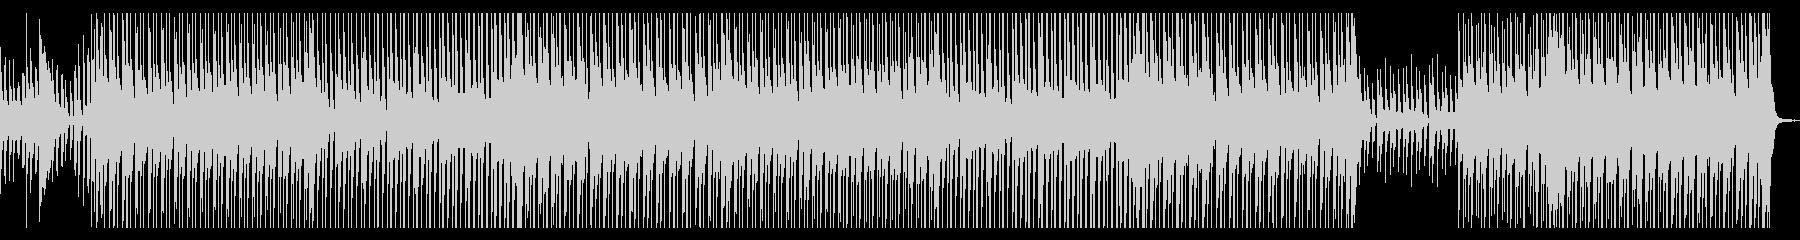 レゲエ ファッション BGM 洋楽の未再生の波形